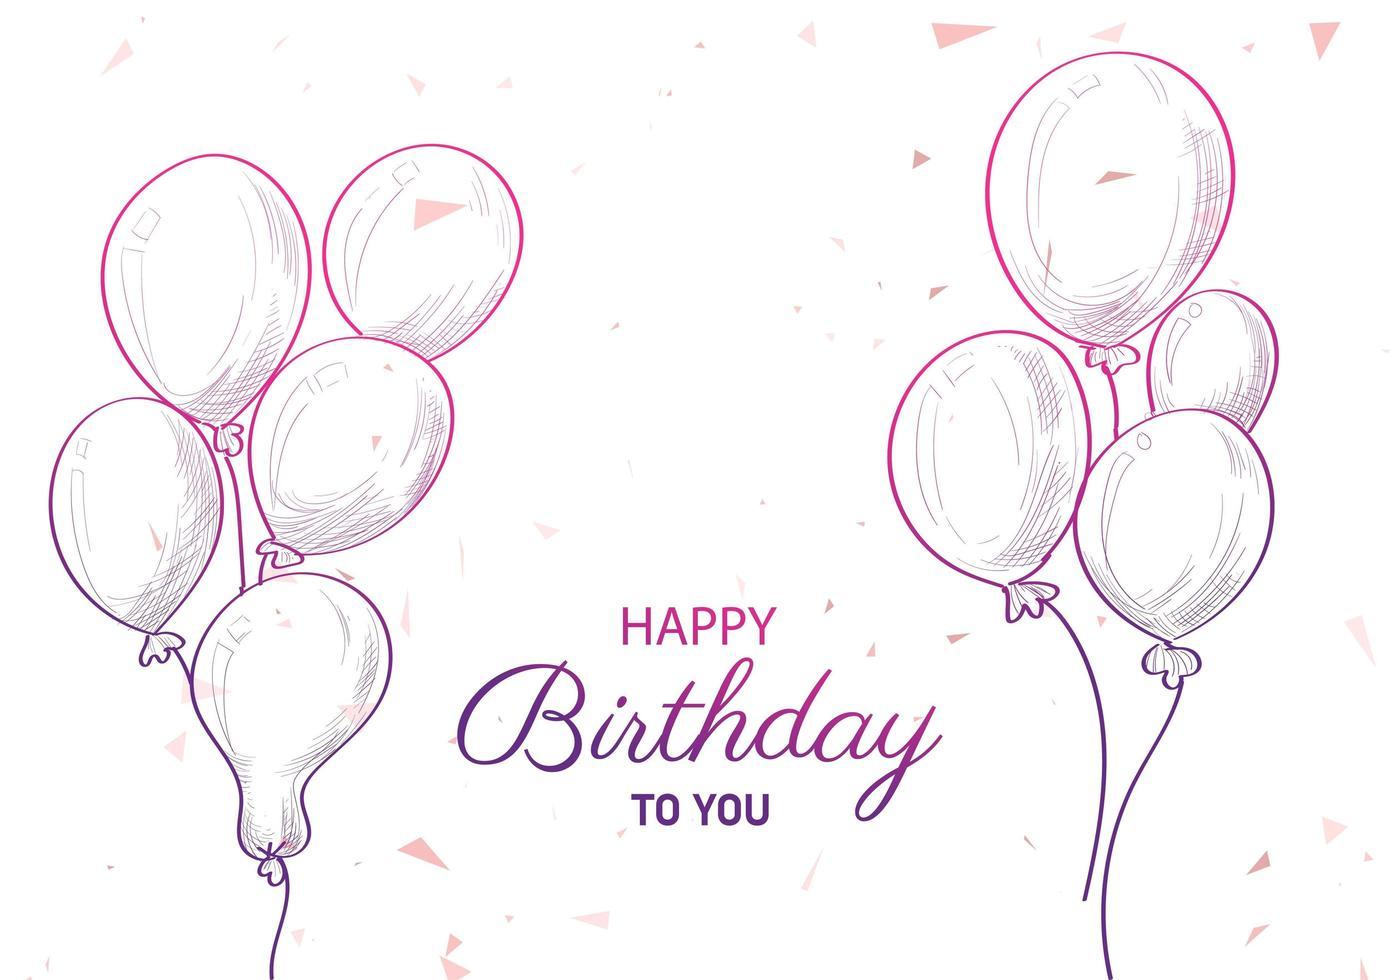 ramos de globos de cumpleaños dibujados a mano y texto vector